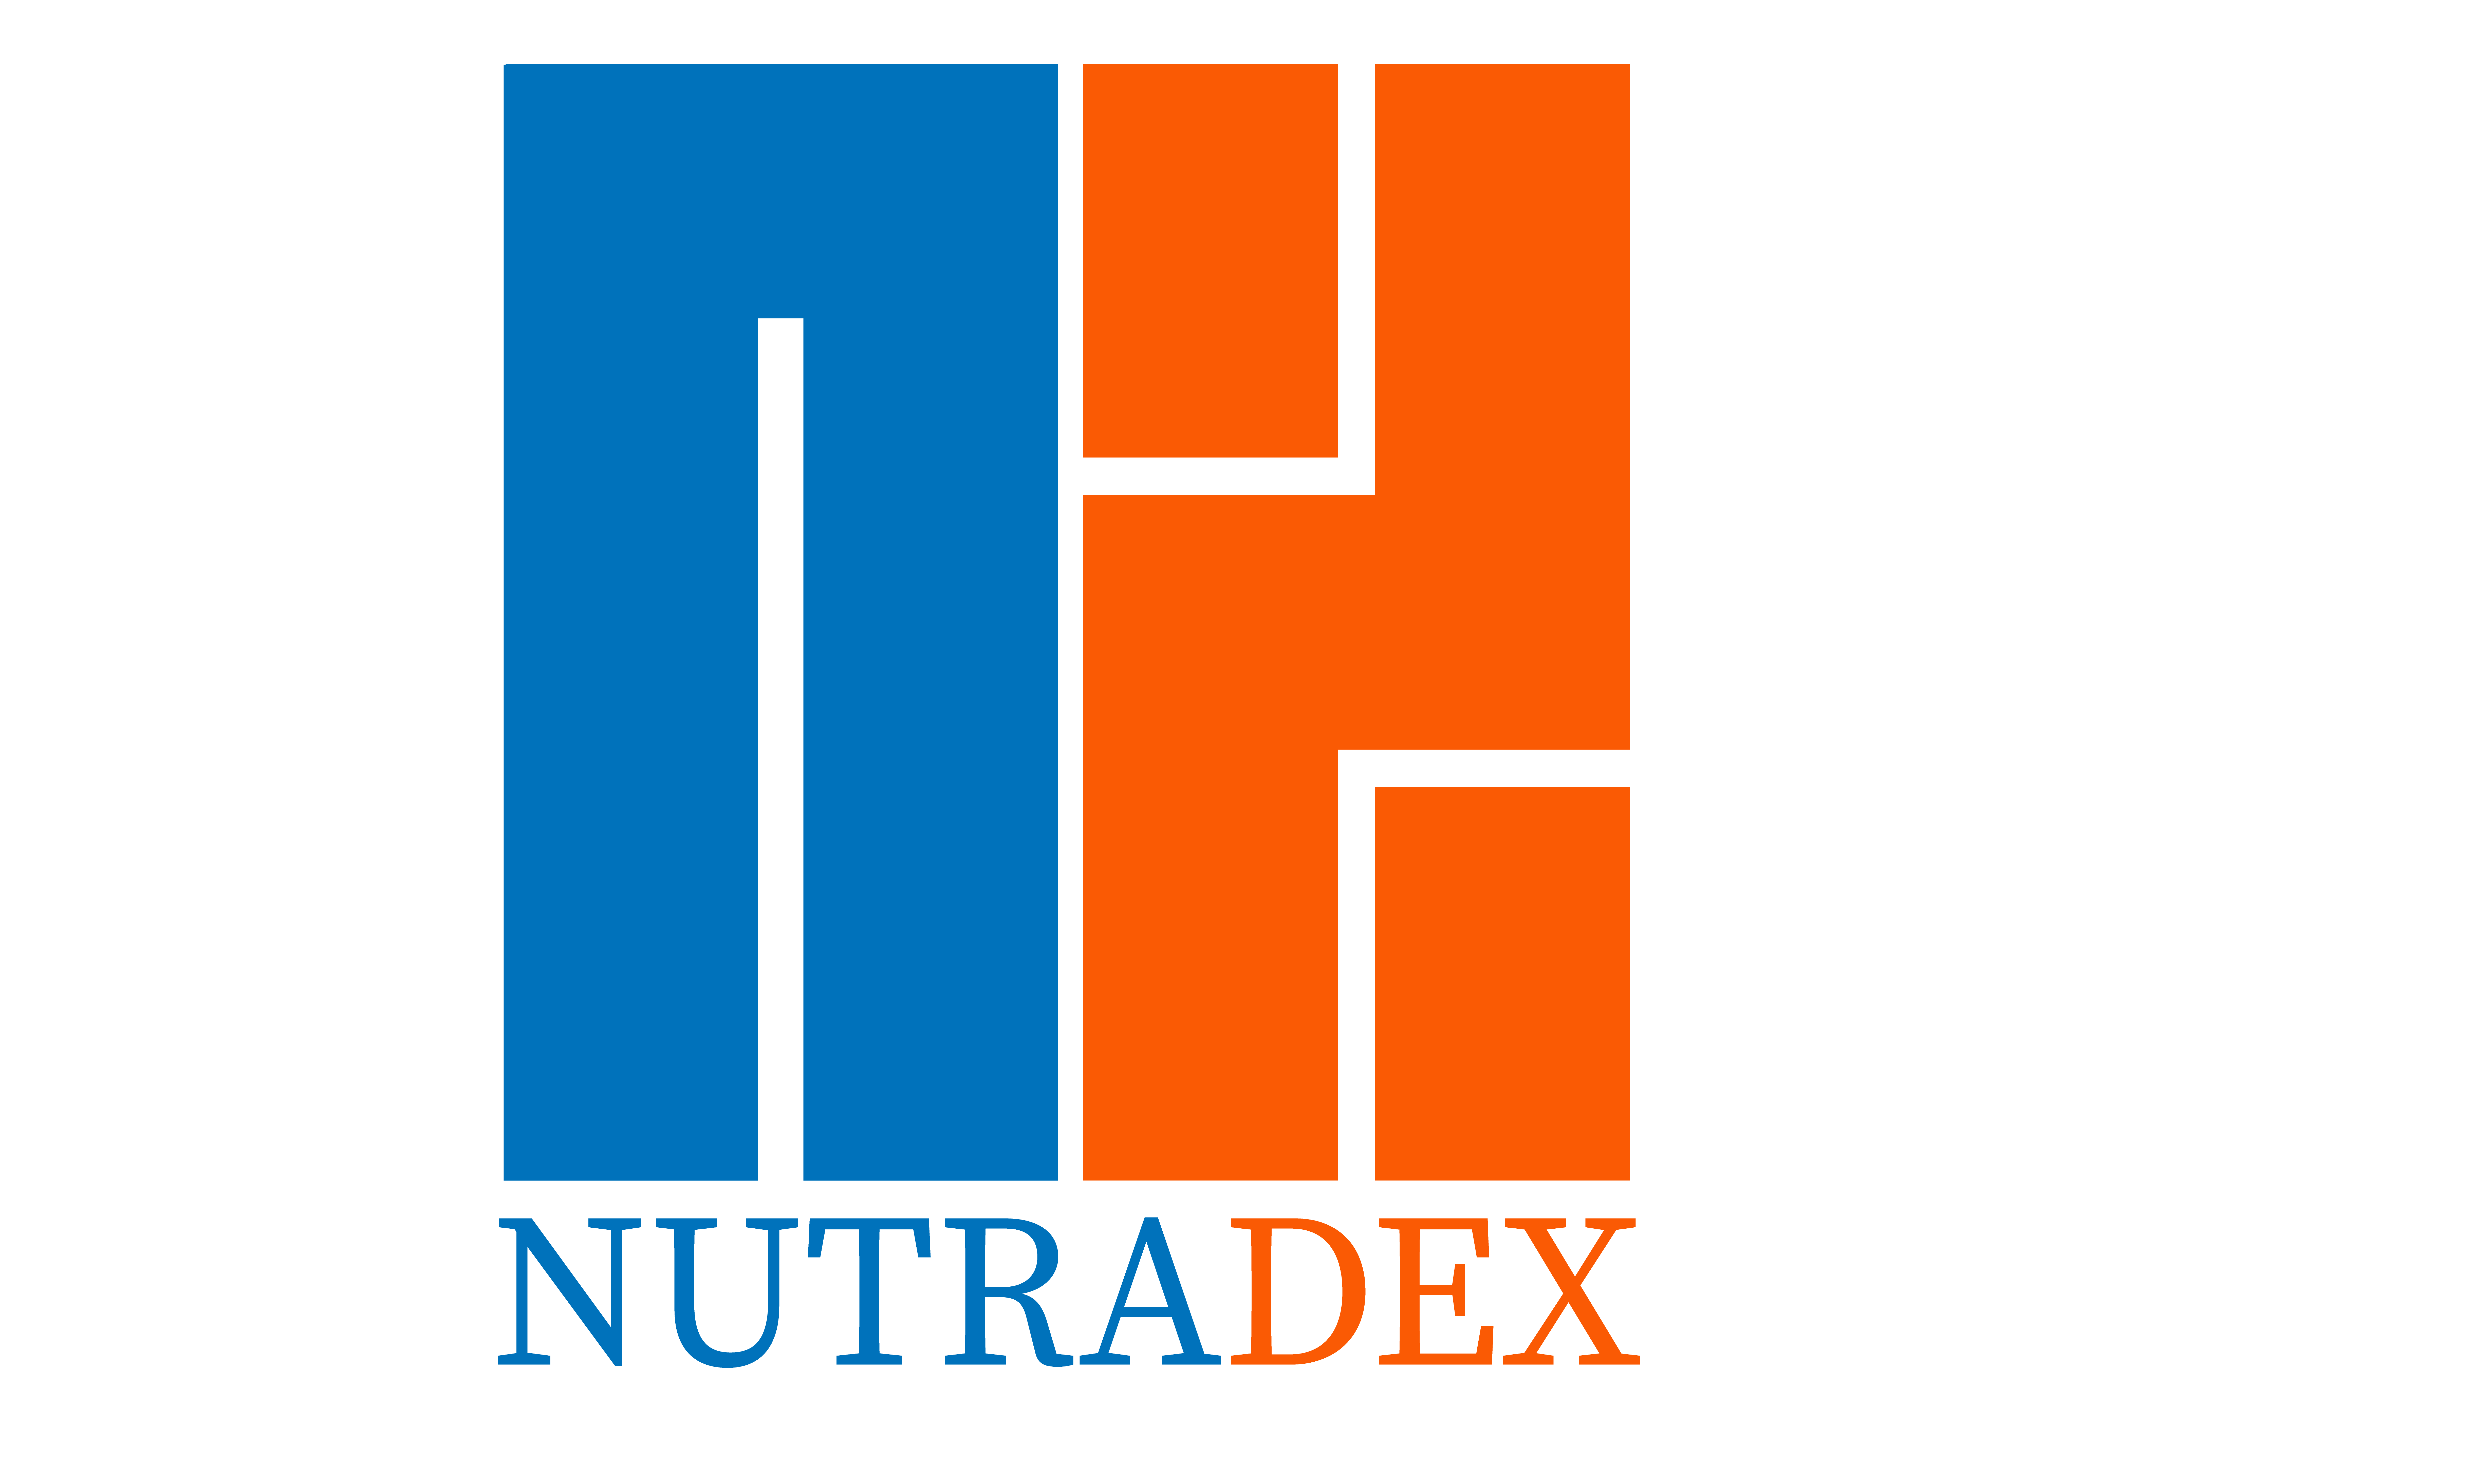 Nutradex